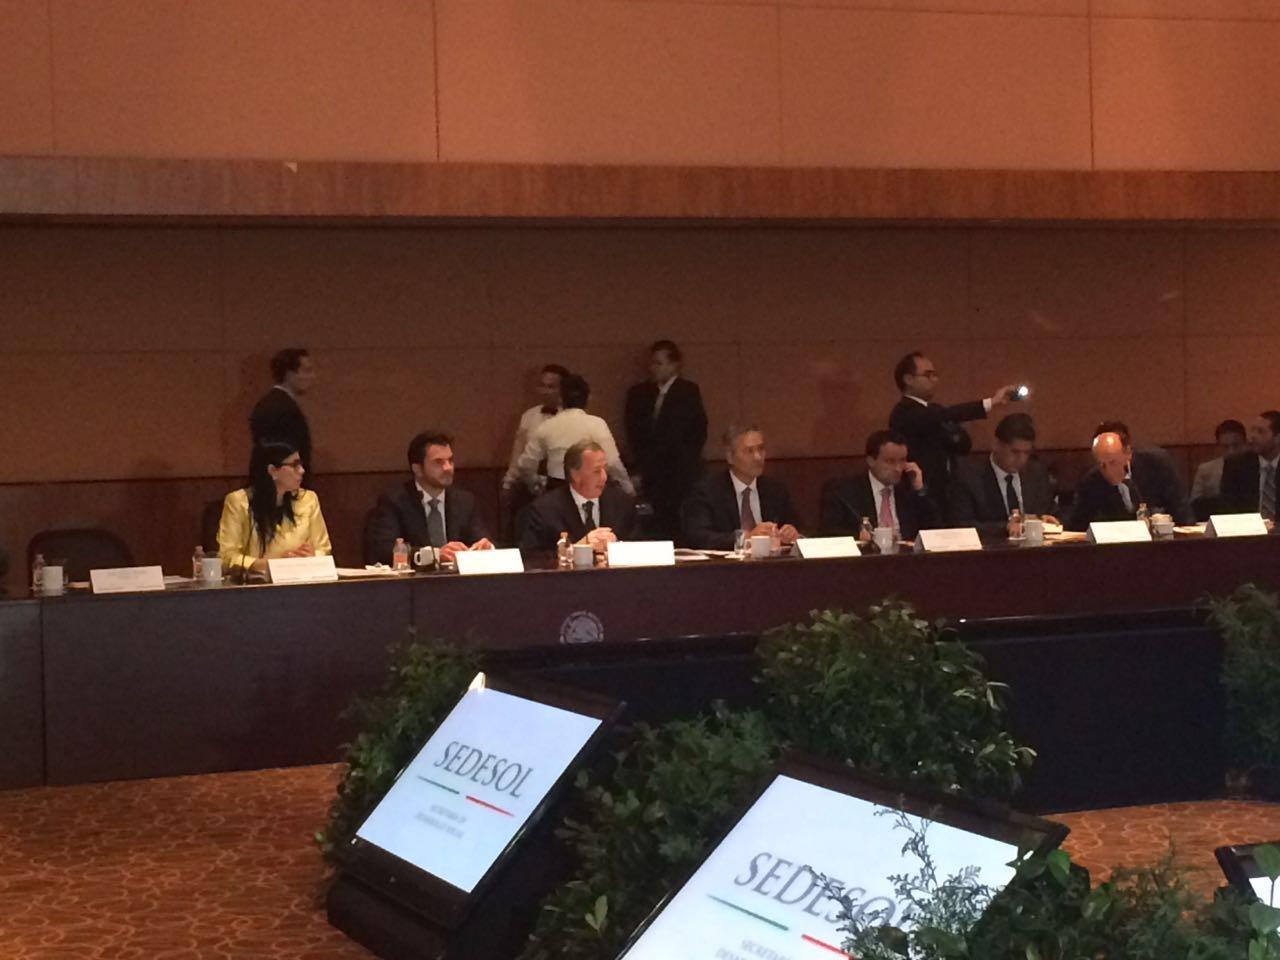 El secretario de Desarrollo Social, José Antonio Meade, y Ricardo Bucio, secretario ejecutivo de #SIPINNA, en la sesión de la Comisión Intersecretarial de Desarrollo Social.